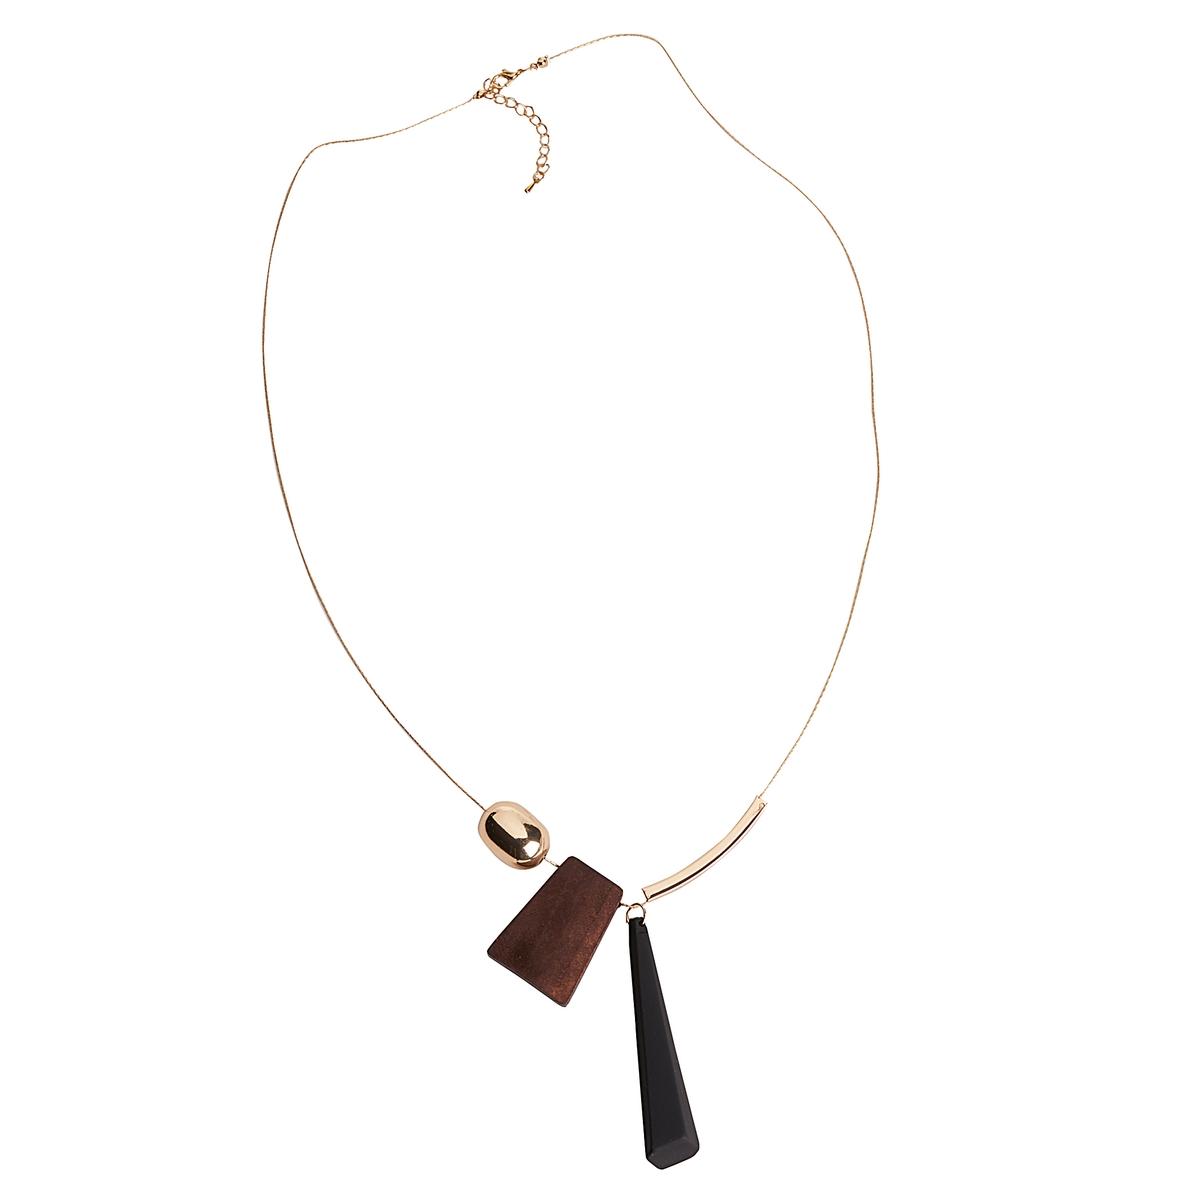 Collier, catena e ciondolo metallo e legno